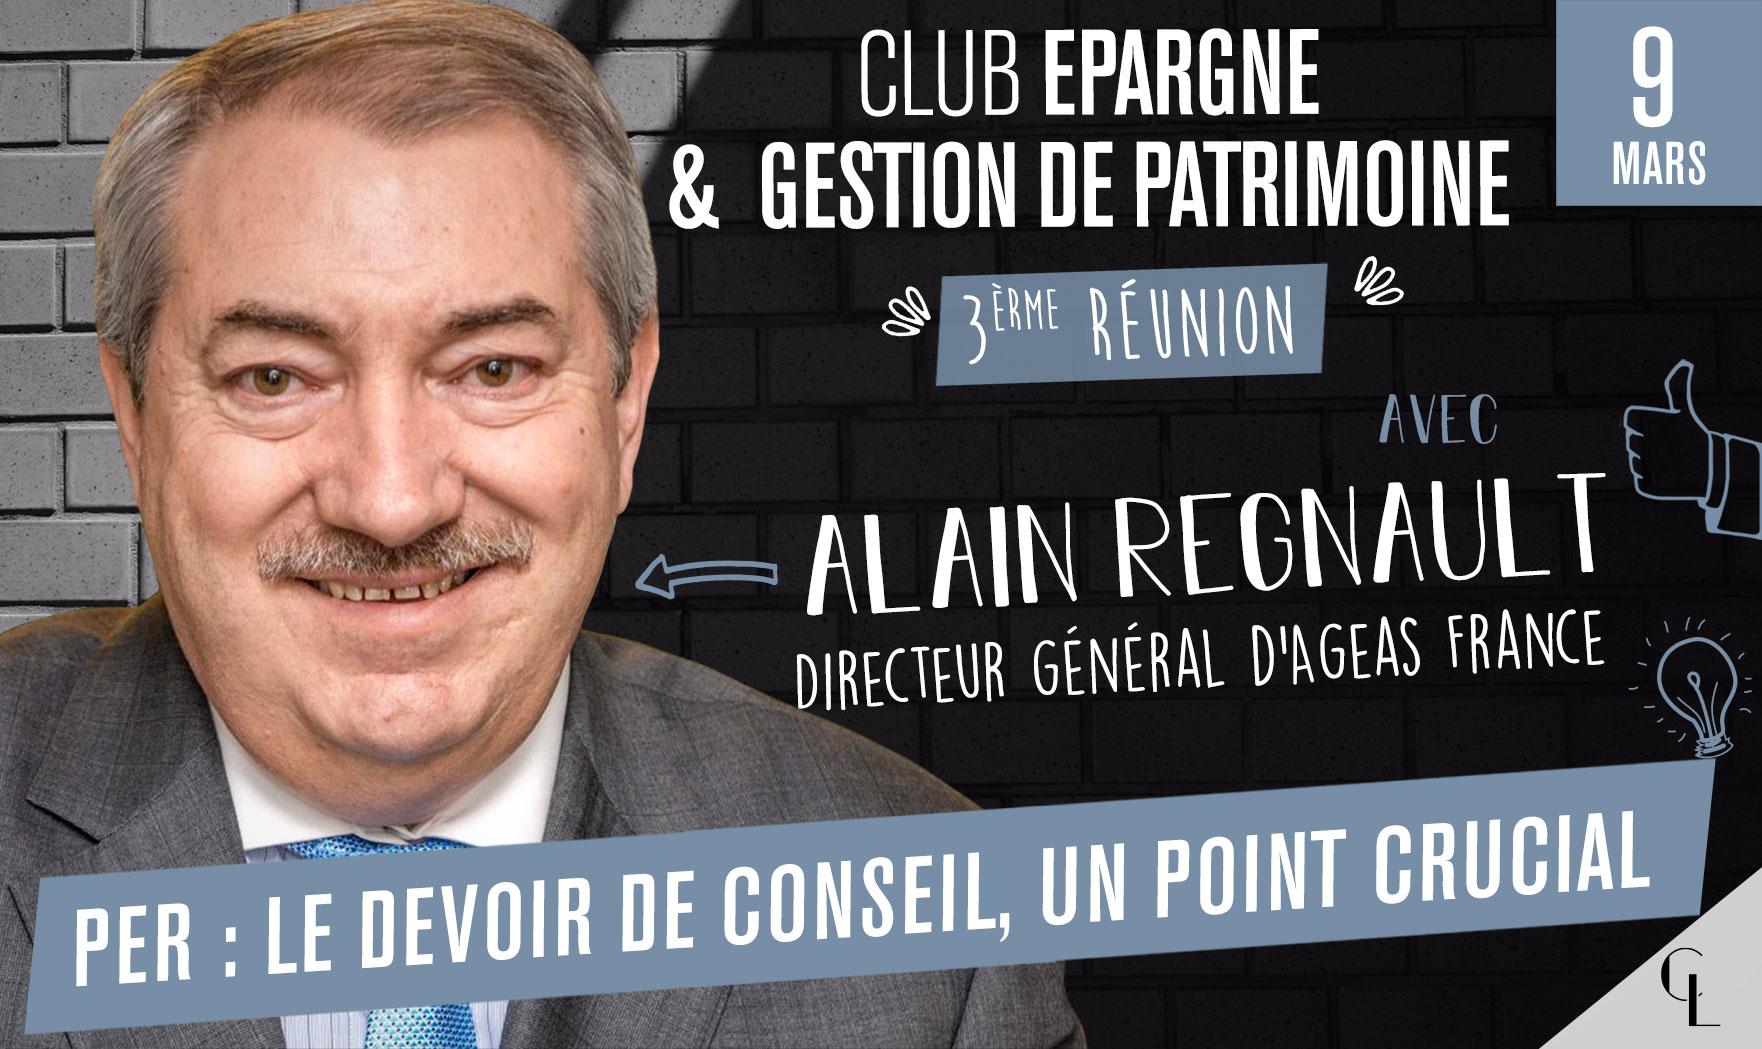 Club Epargne & Gestion de Patrimoine